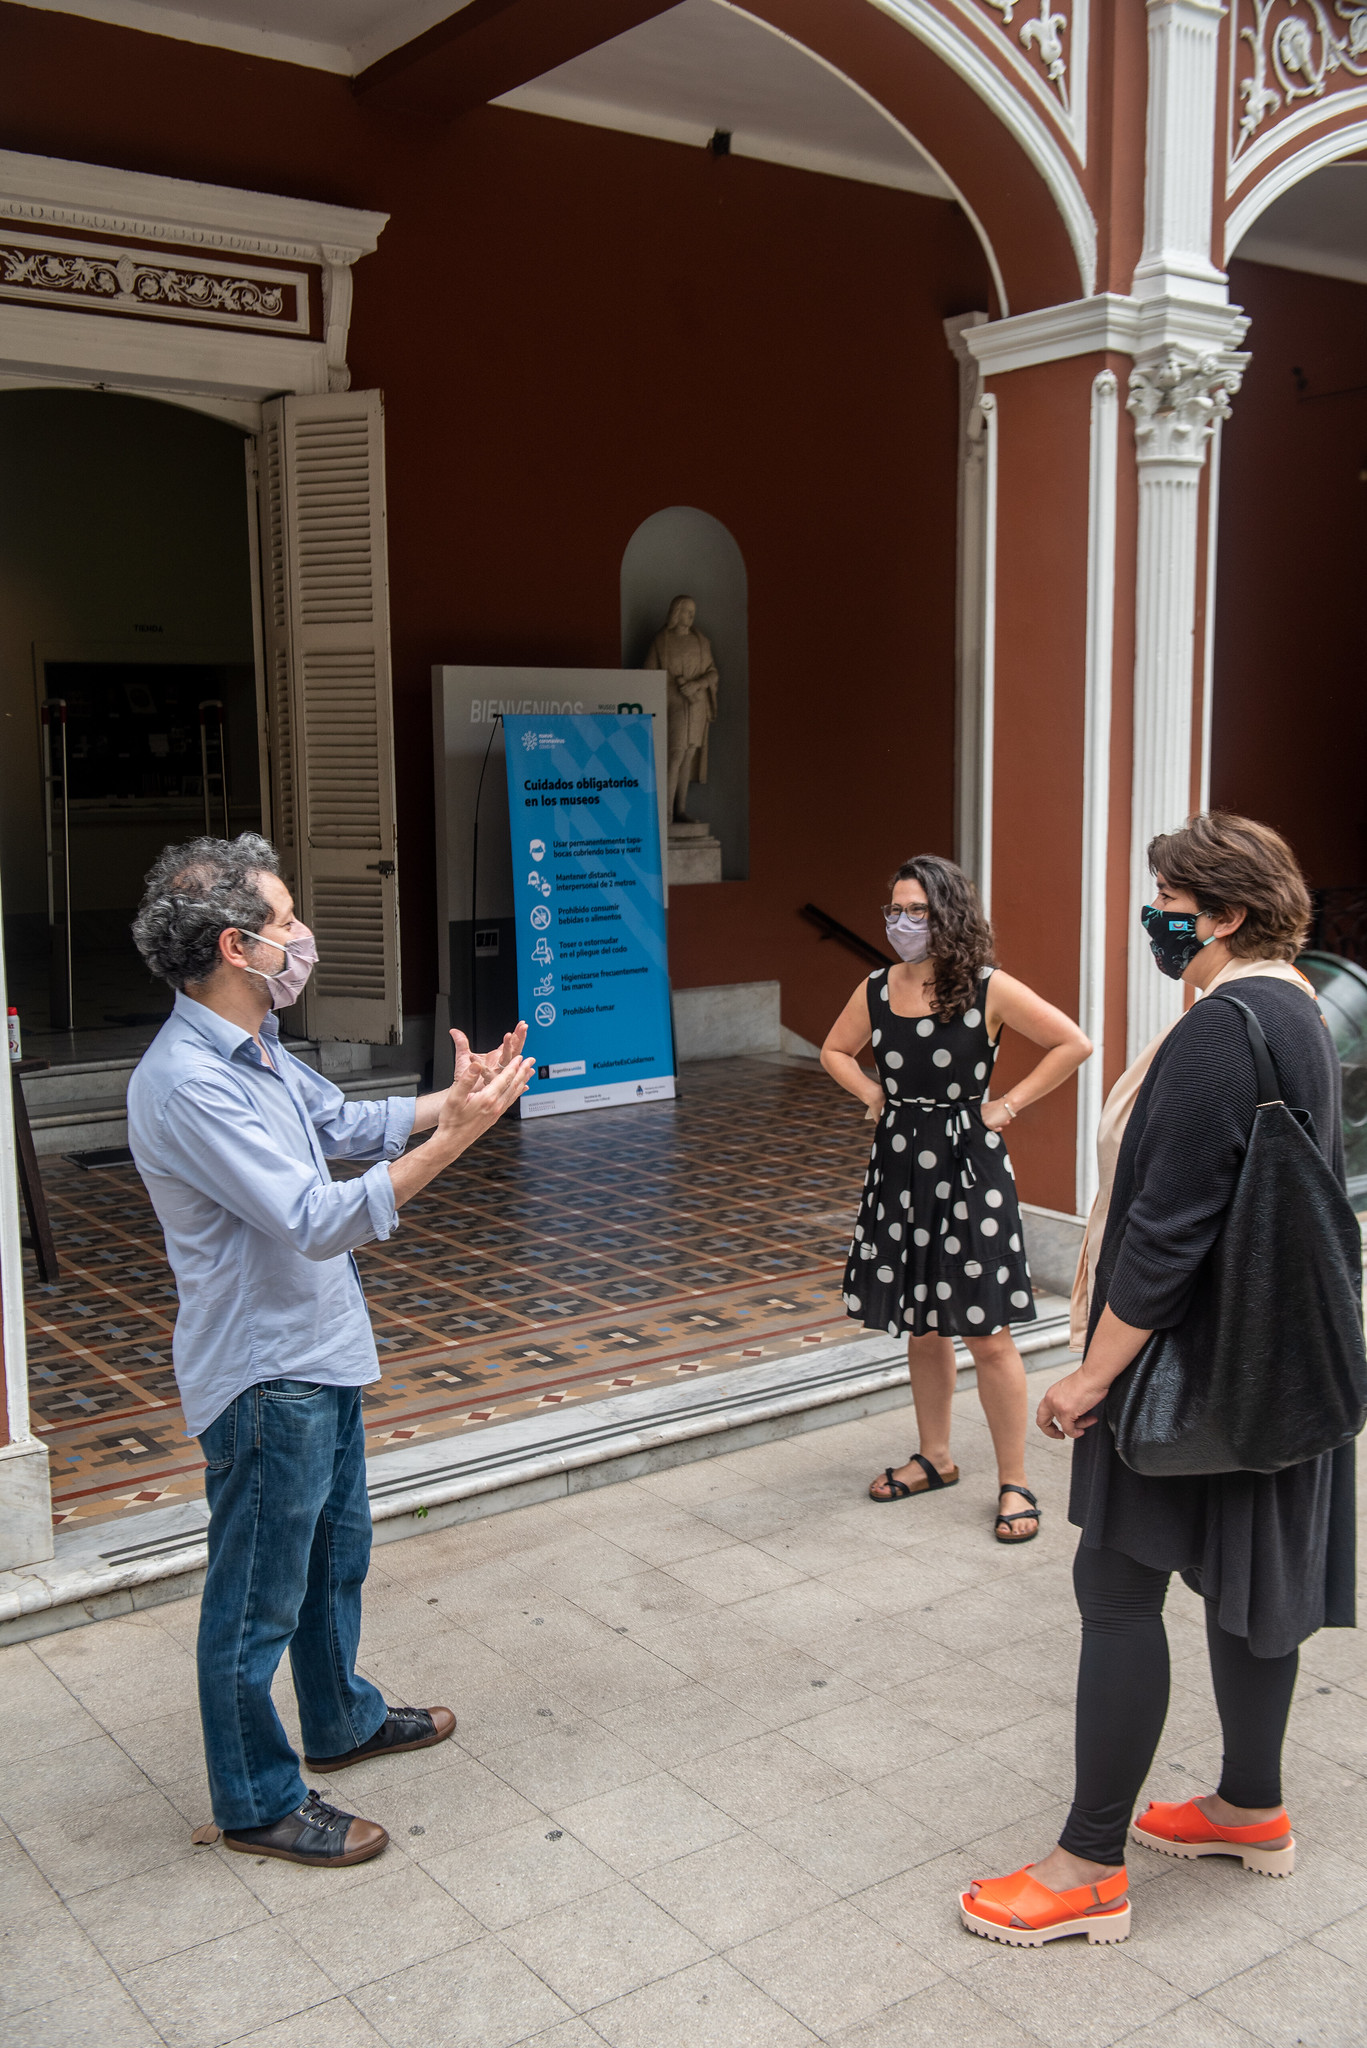 Dentro del museo, el uso del barbijo es obligatorio en todo momento (Ministerio de Cultura)